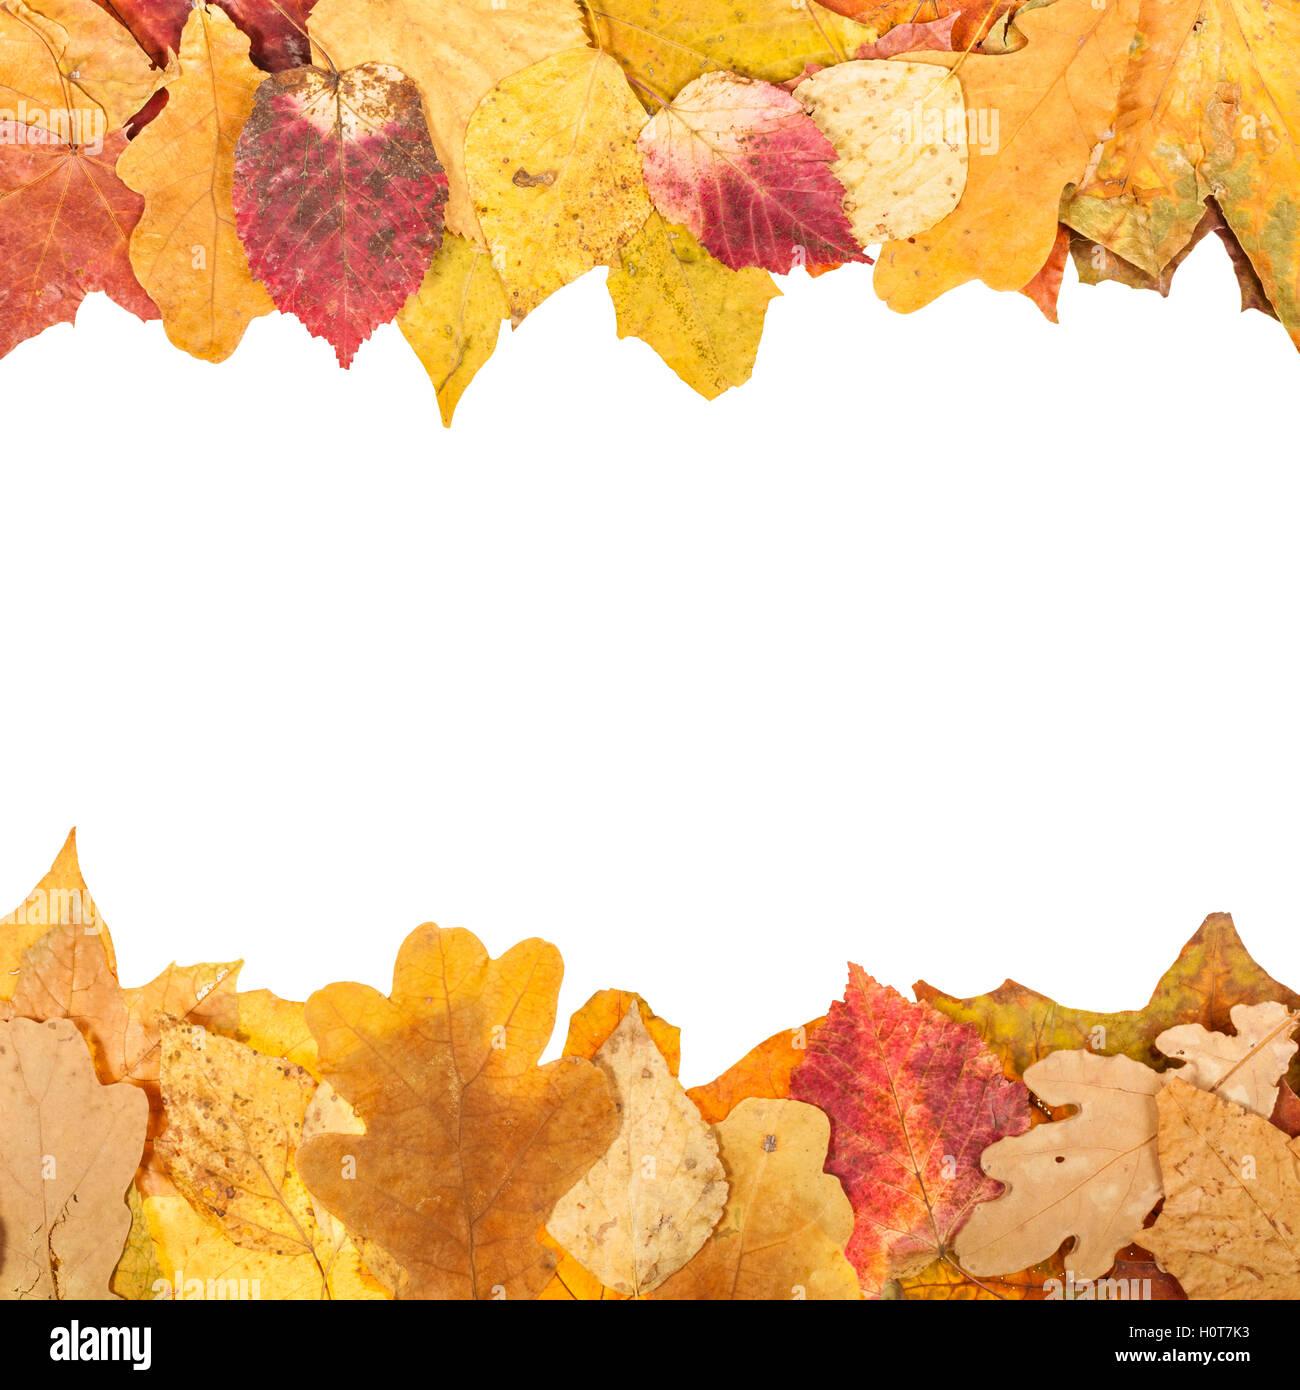 Telai superiore e inferiore da foglie di autunno con il semilavorato tagliato fuori spazio Immagini Stock